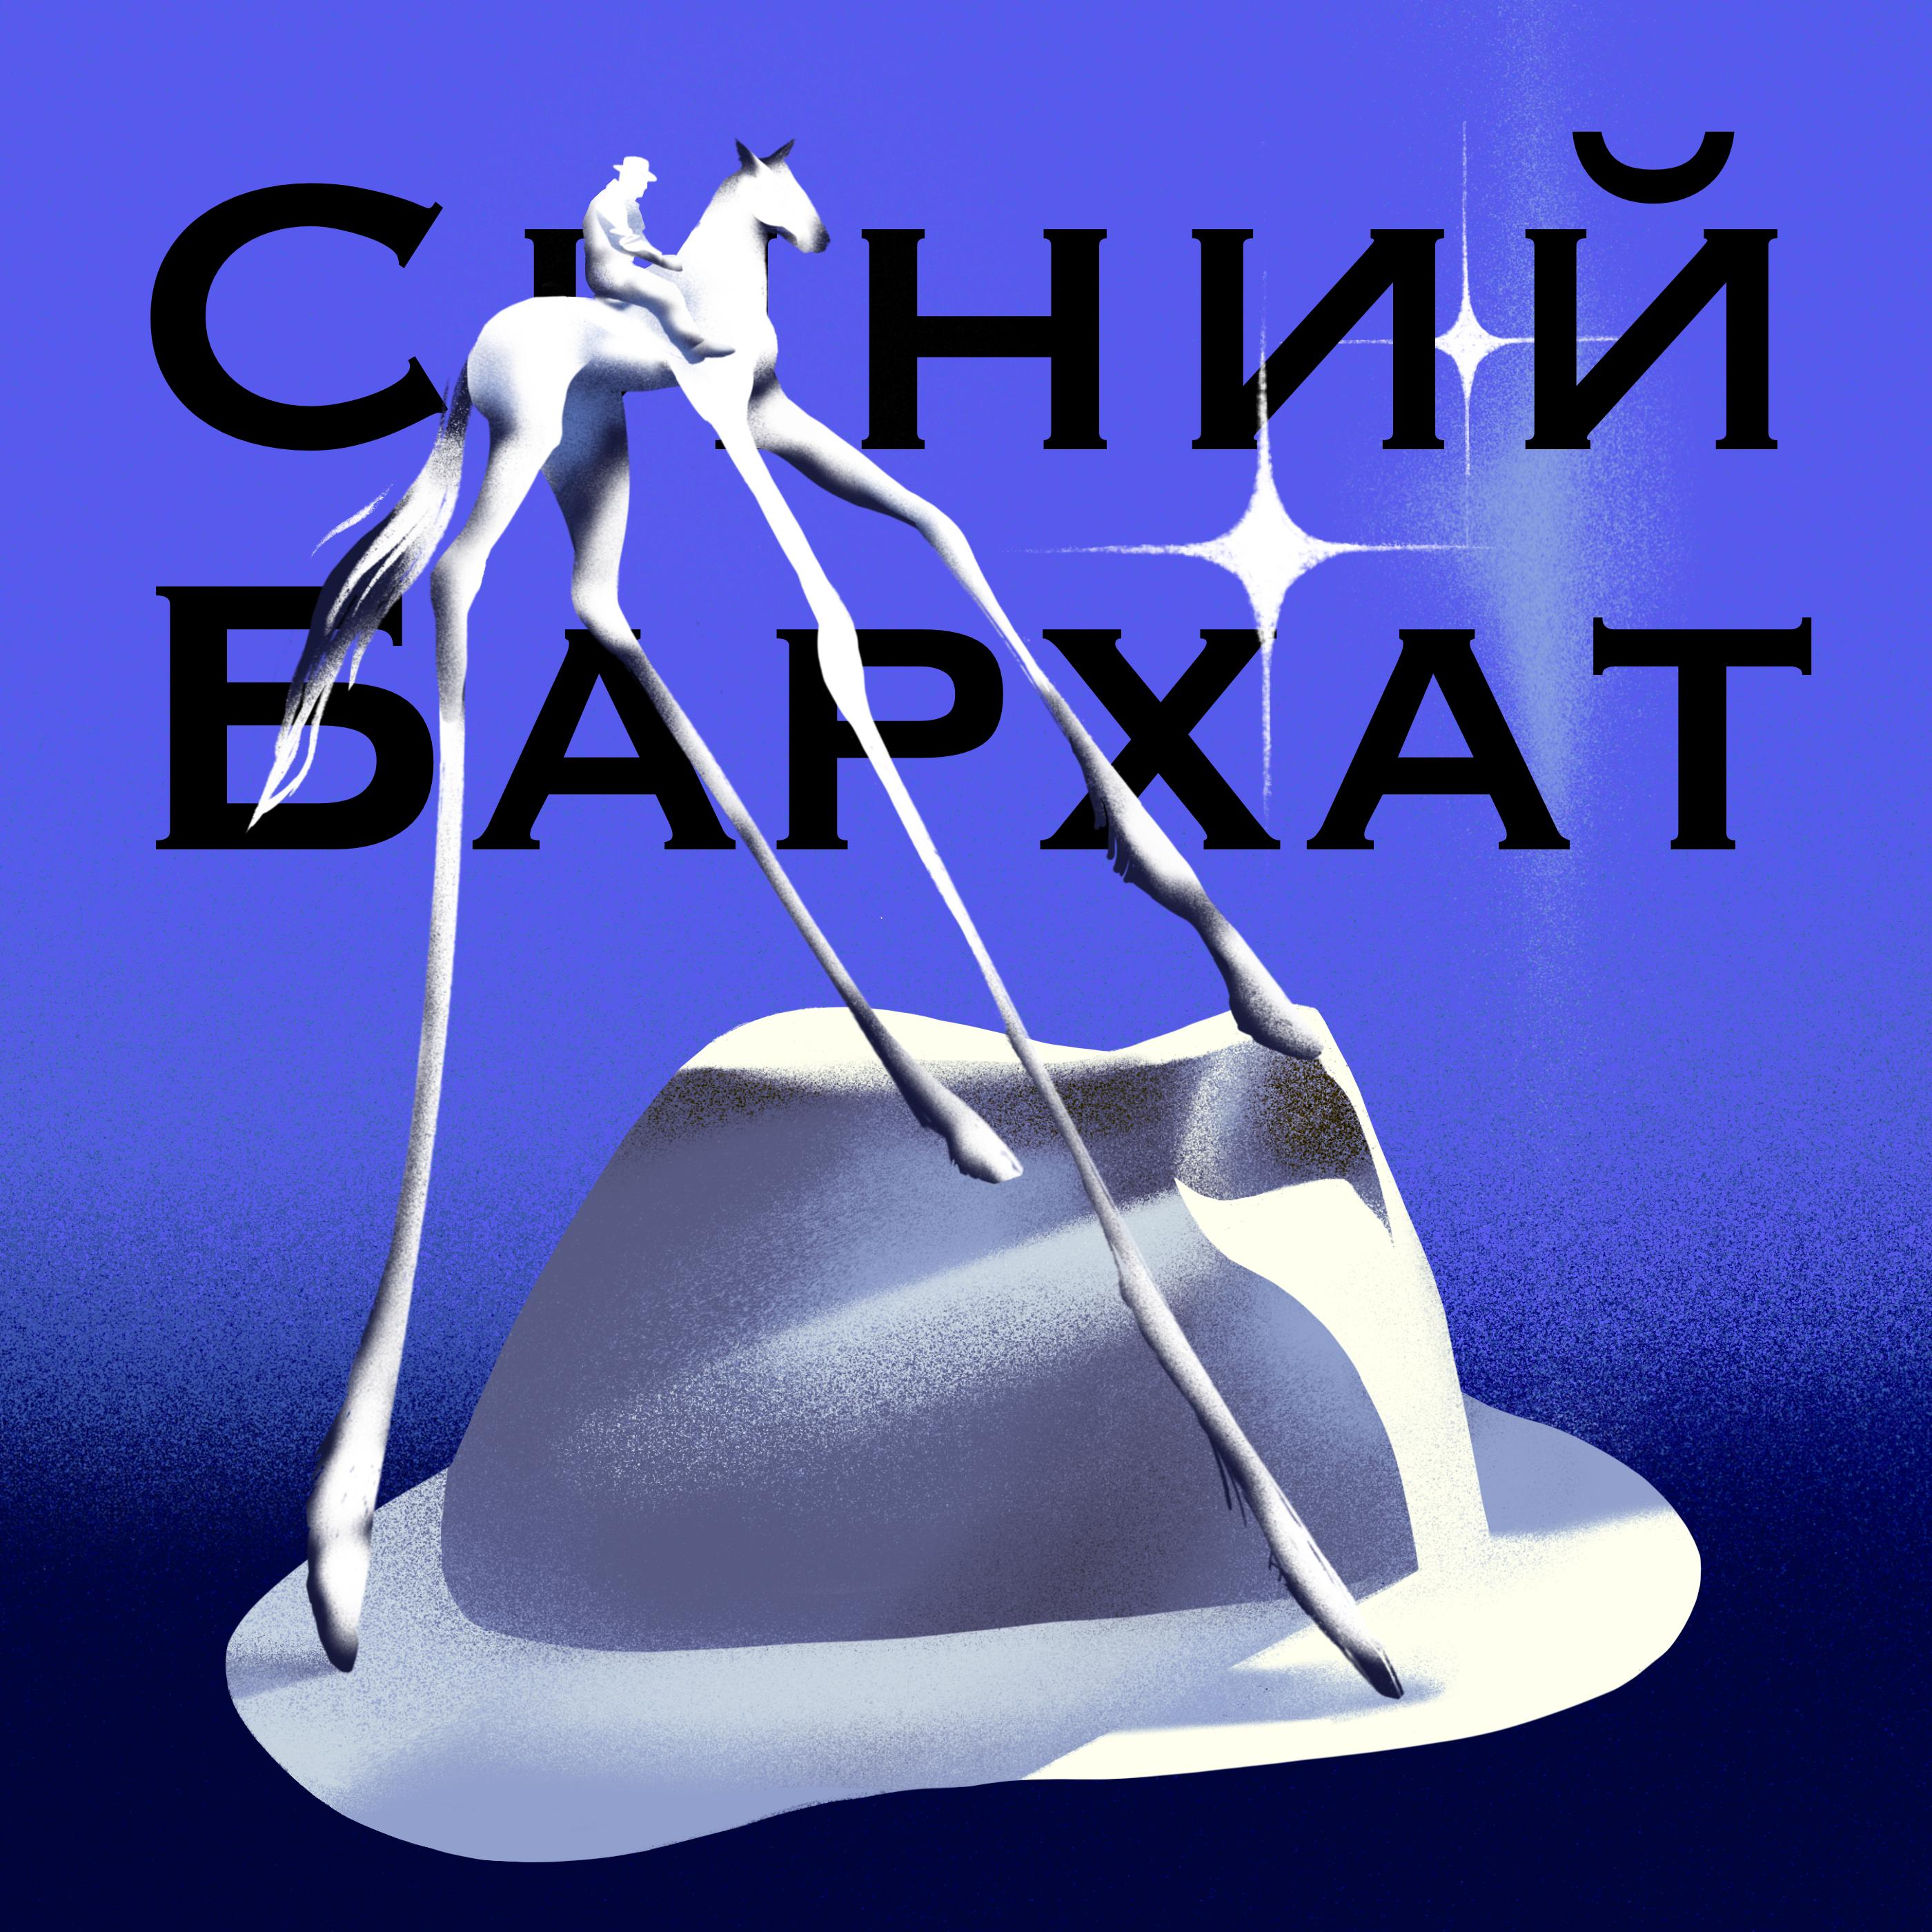 Чешский шейх, склонивший к себе Восток. Алоис Музиль и Алексей Миллер